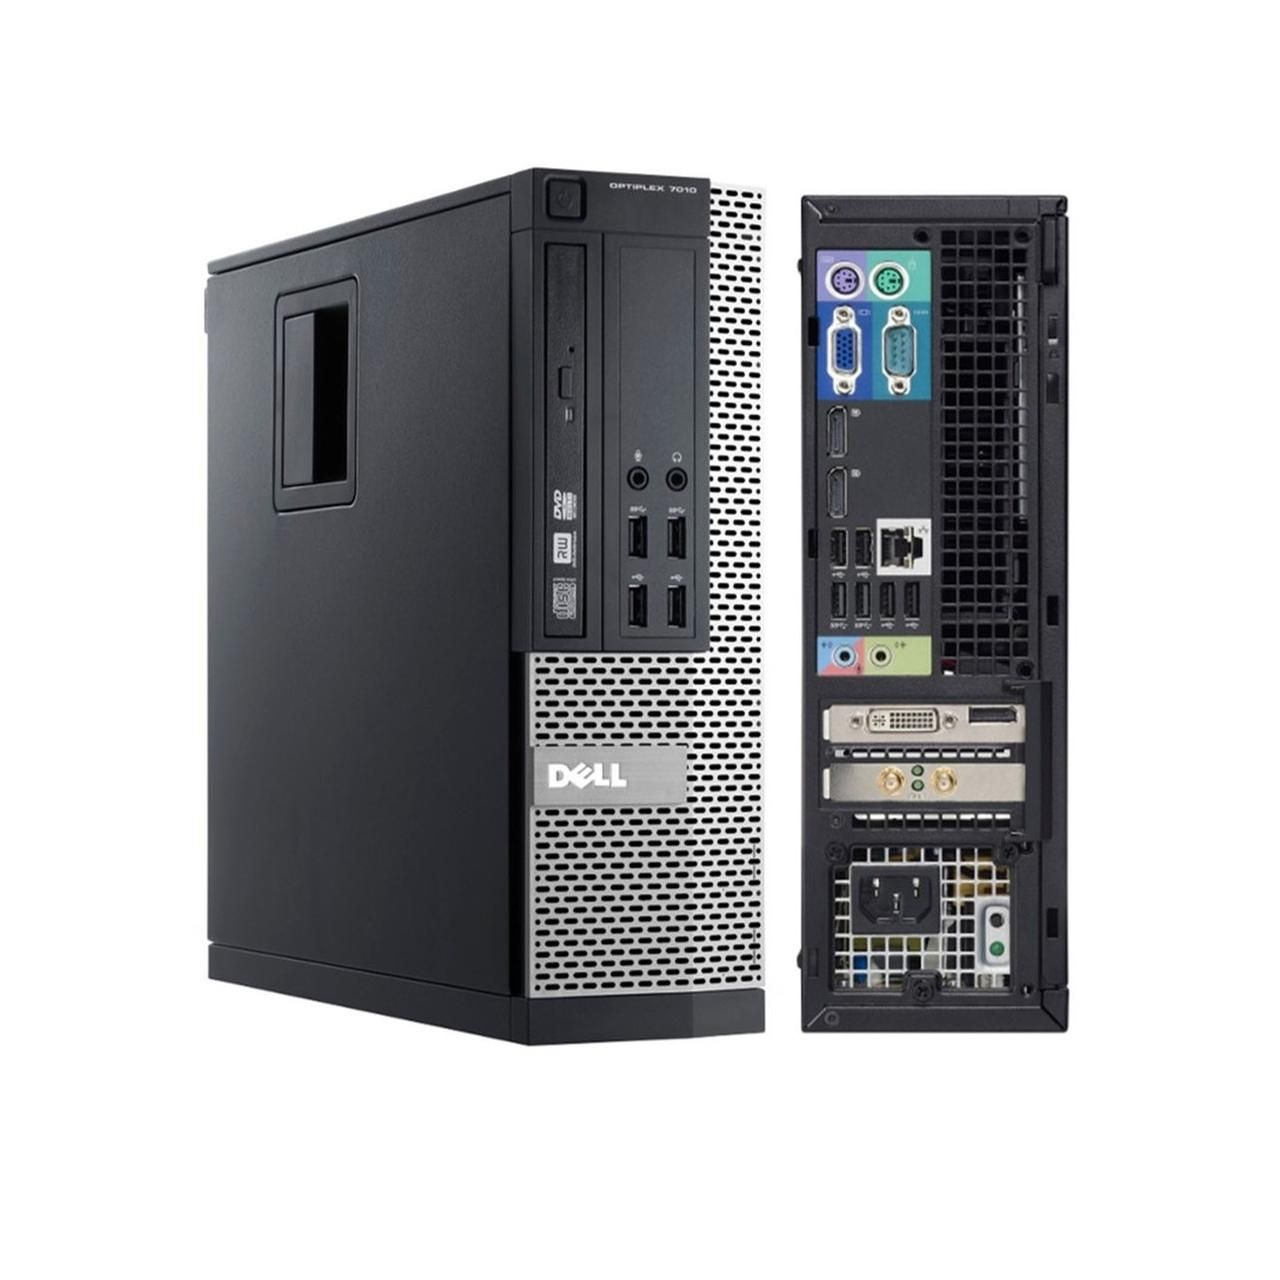 Dell OptiPlex 7010 SFF Core i7-3770 3,4 - SSD 240 GB - 4GB